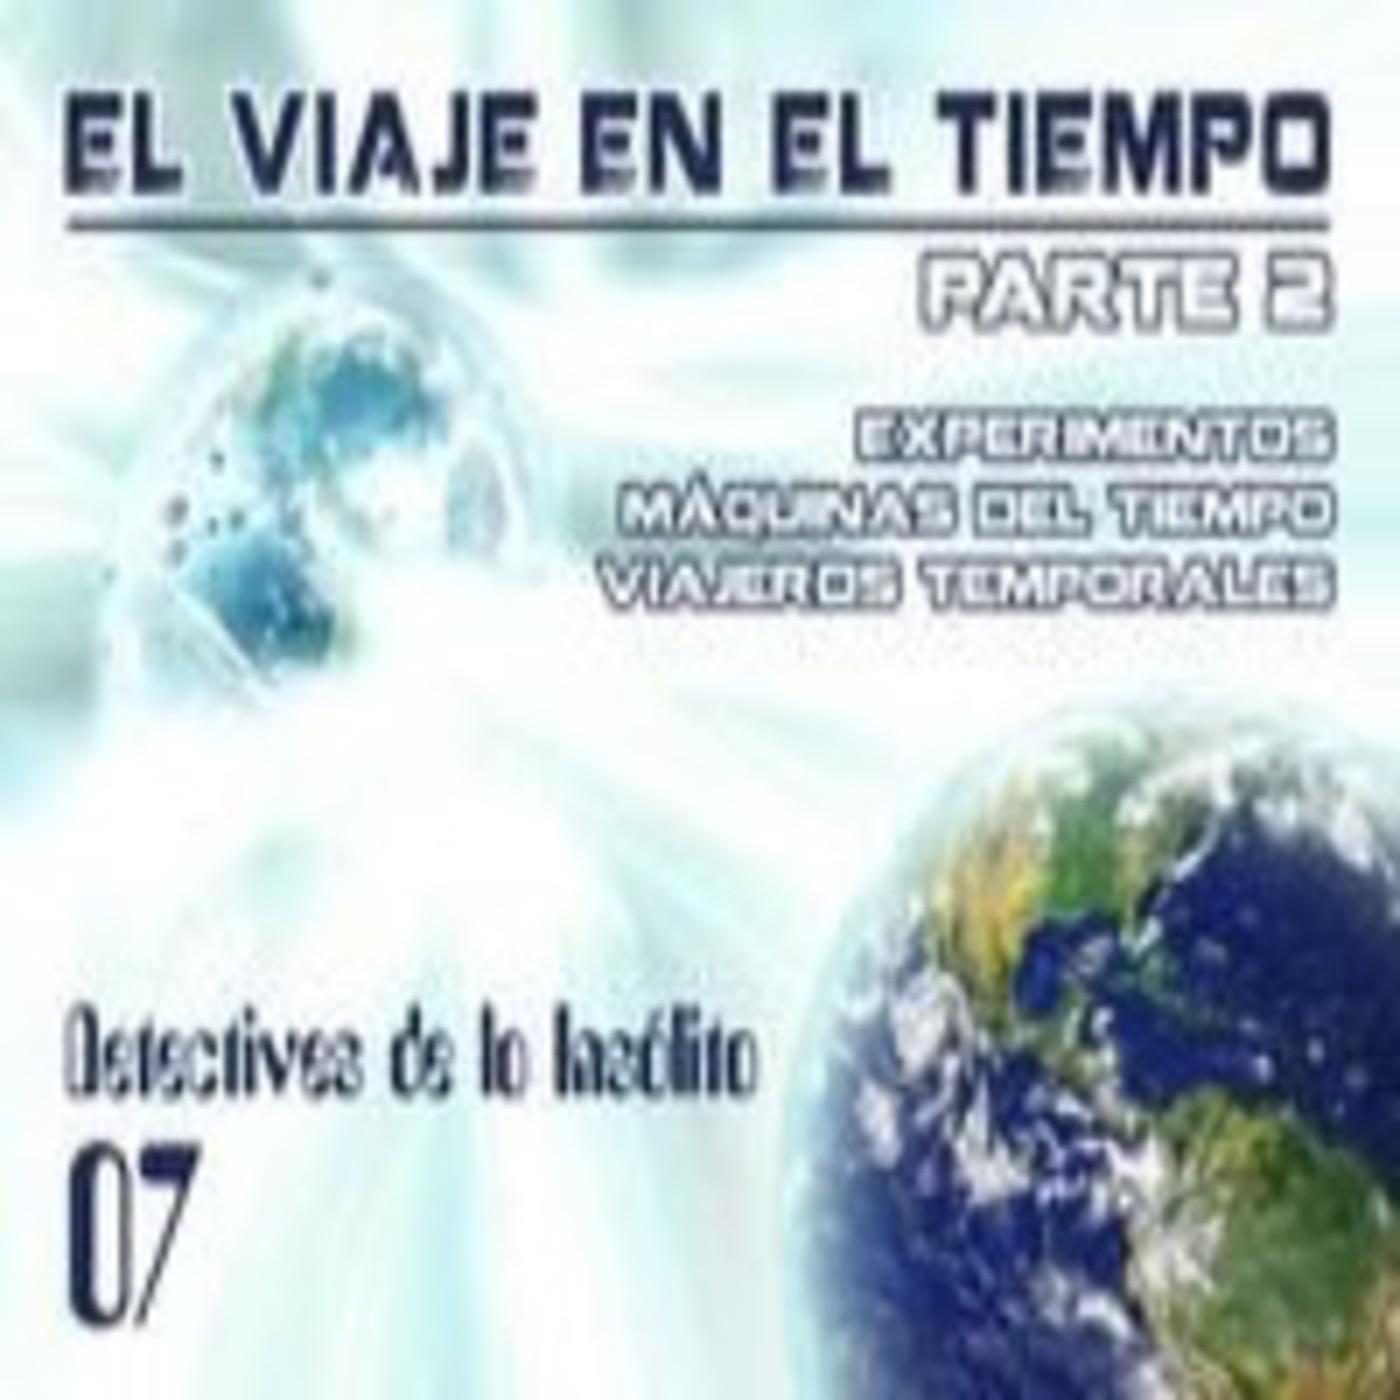 Detectives de lo Insólito 07: Los Viajes en el Tiempo (2ª Parte)